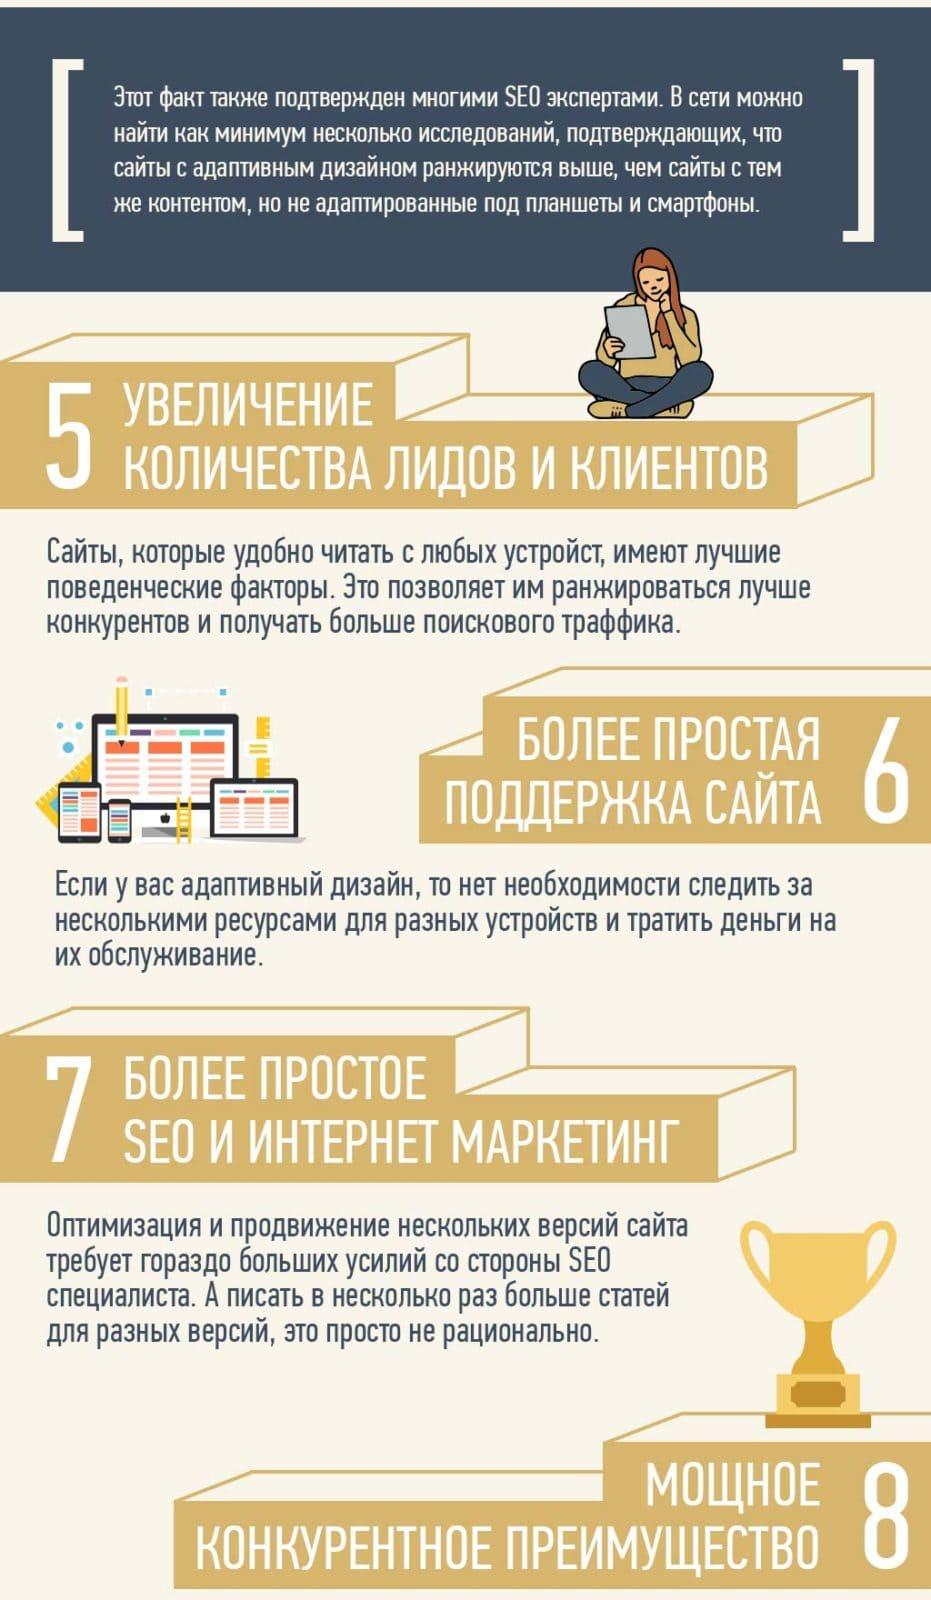 Закажите создание корпоративного сайта с уникальным дизайном в Москве